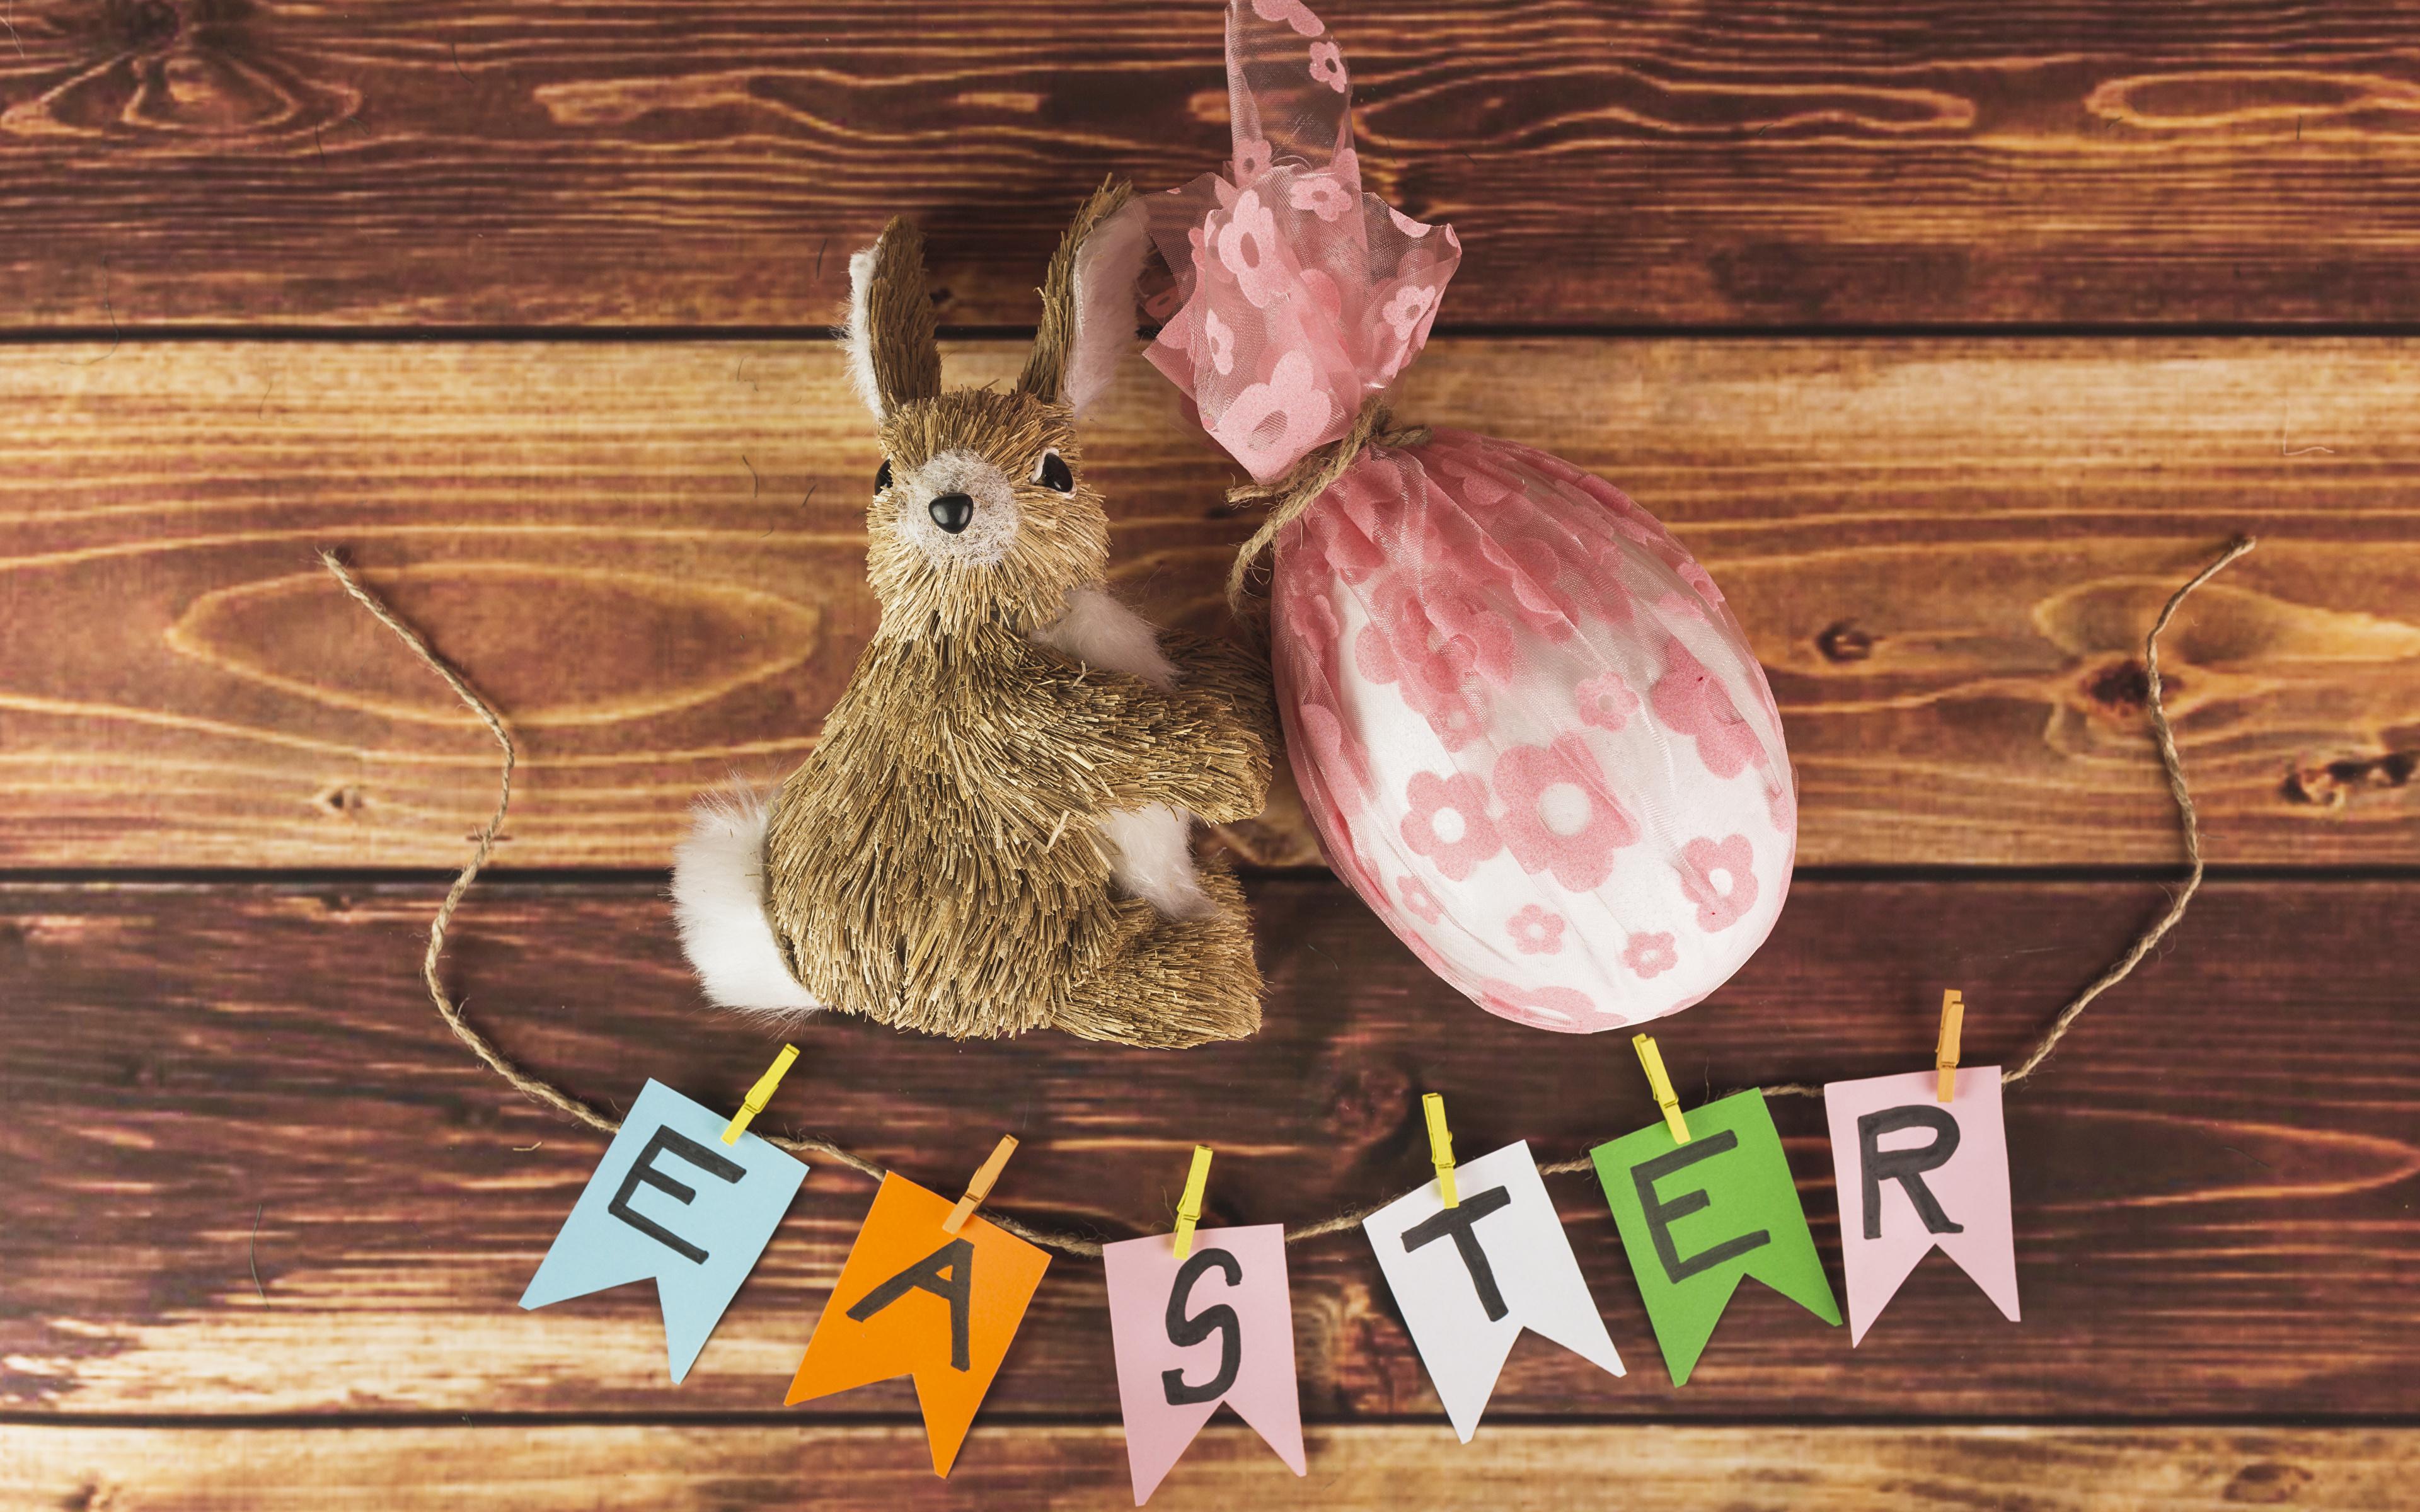 Картинка Пасха Кролики английская Яйца Доски 3840x2400 кролик инглийские Английский яиц яйцо яйцами